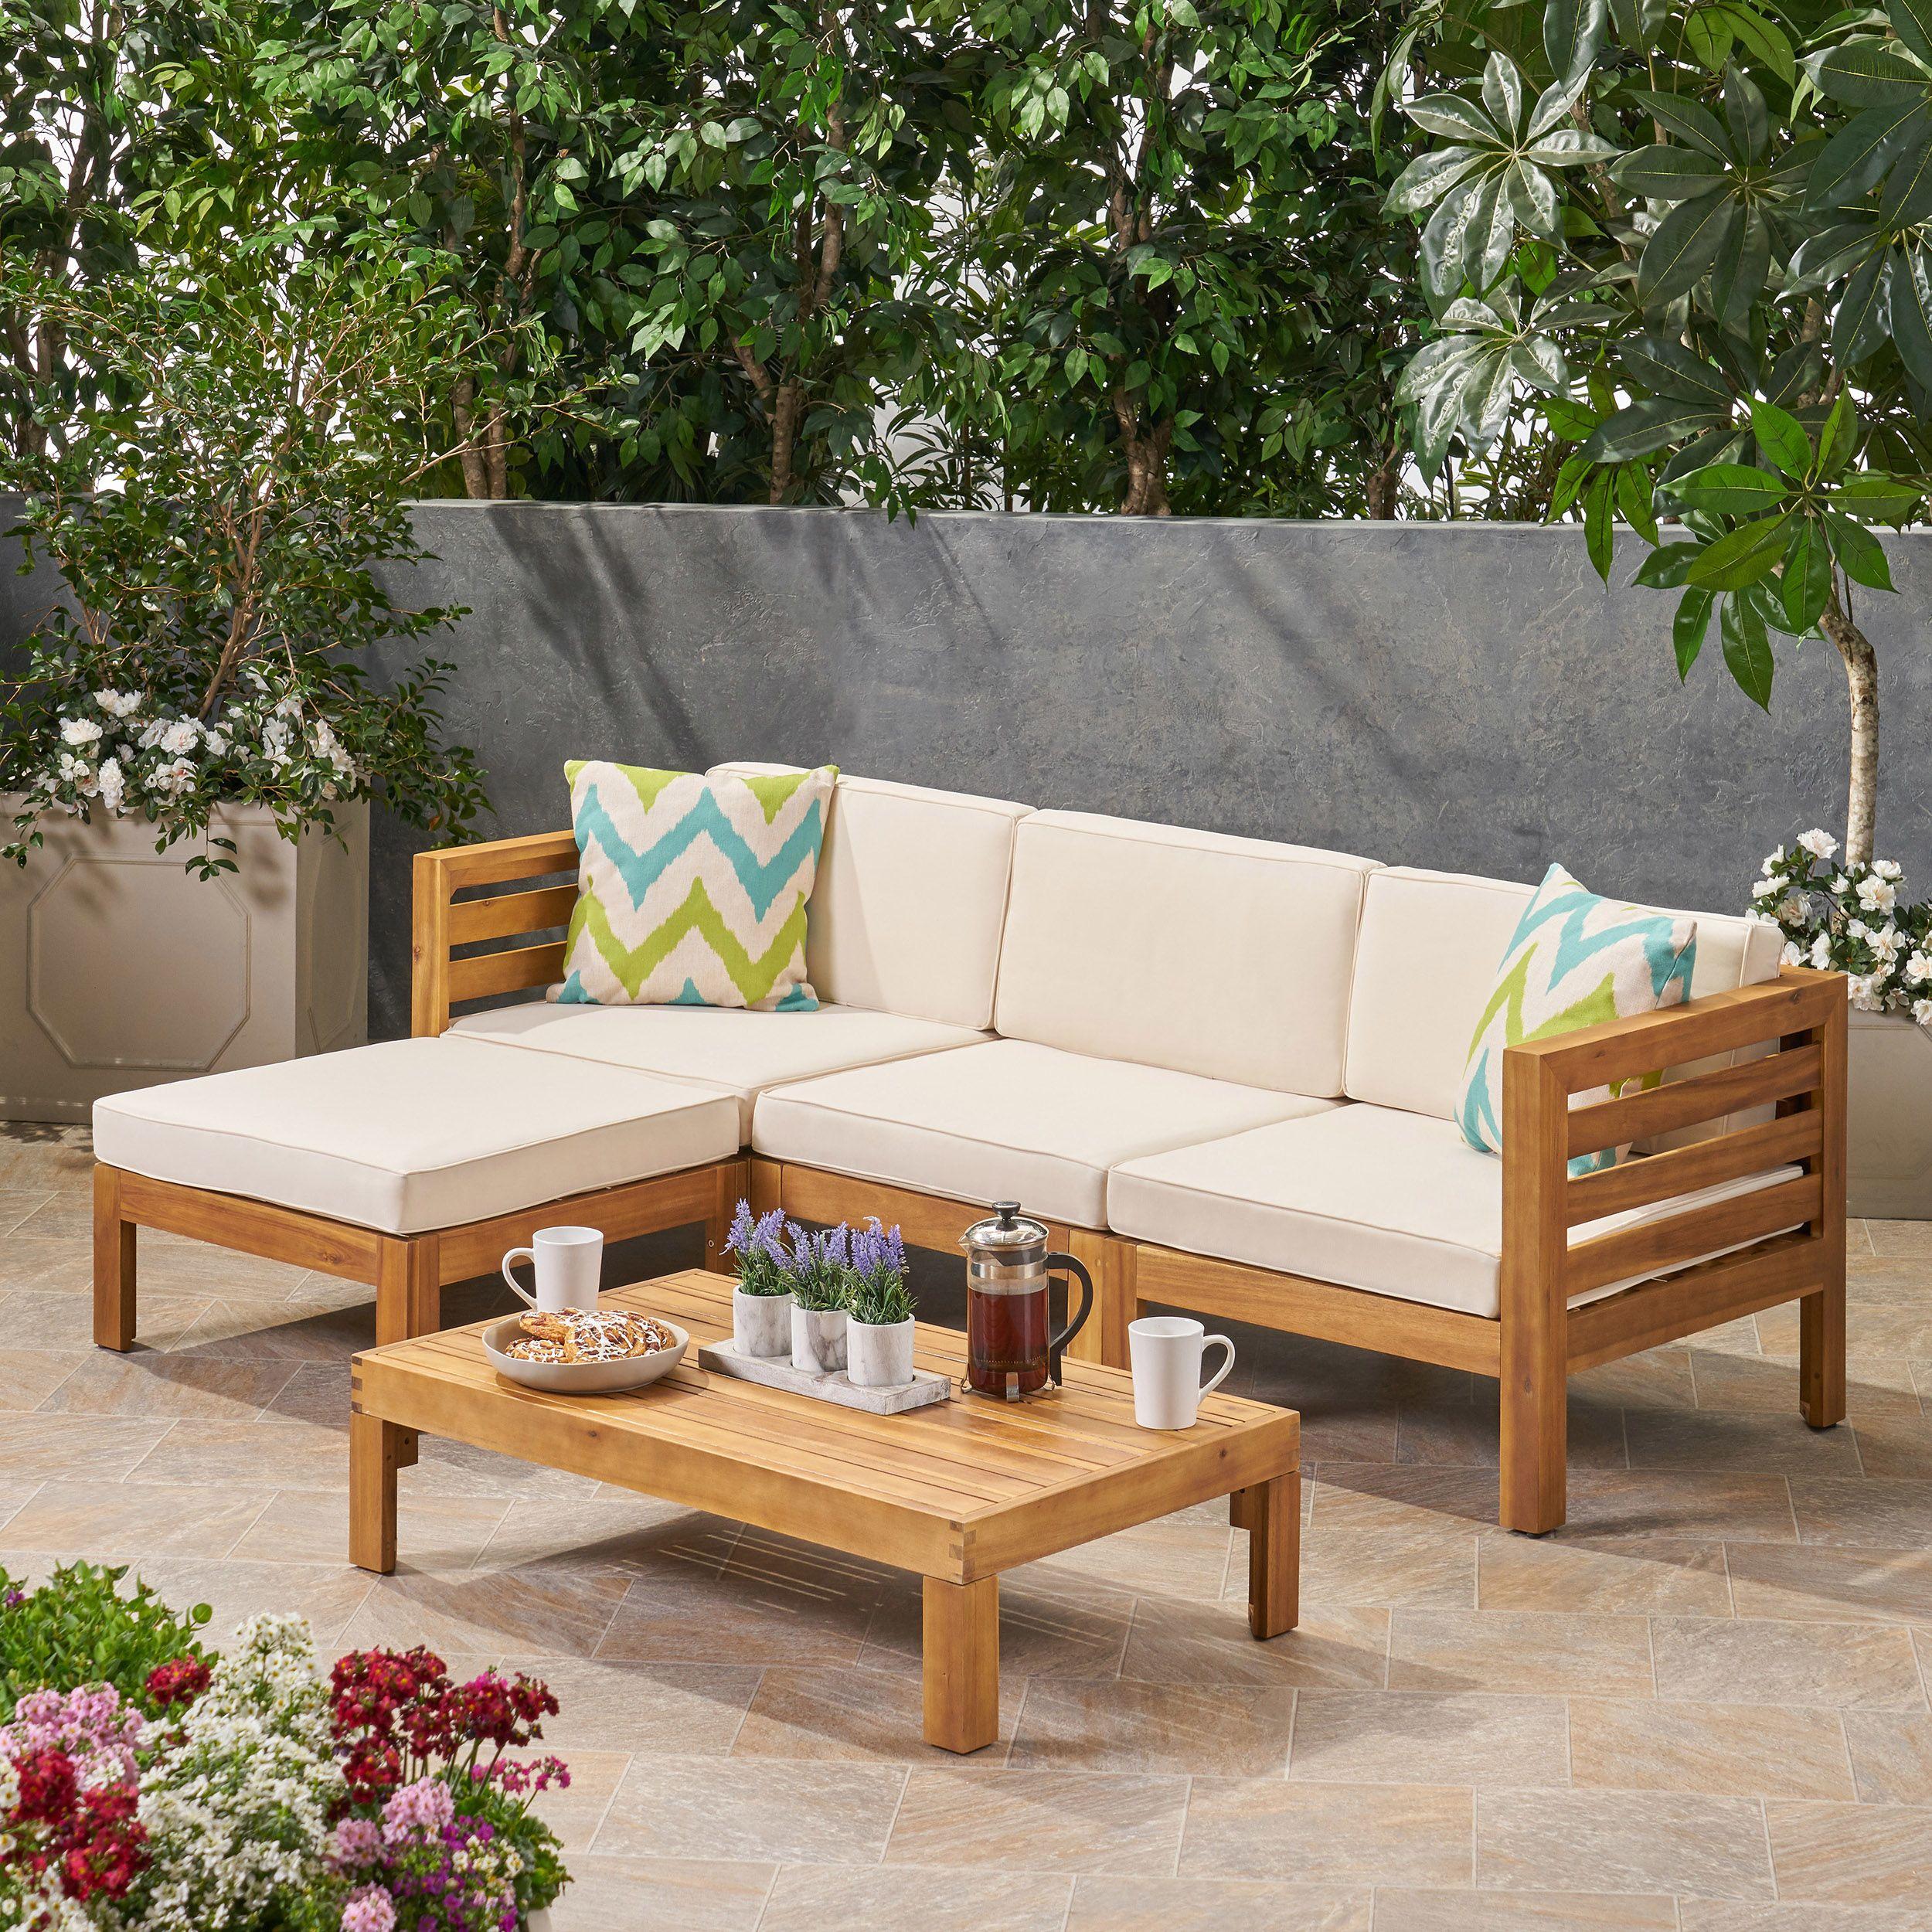 Alice Outdoor 5 Piece Acacia Wood Sofa Set In 2021 Teak Patio Furniture Outdoor Sofa Sets Outdoor Sofa